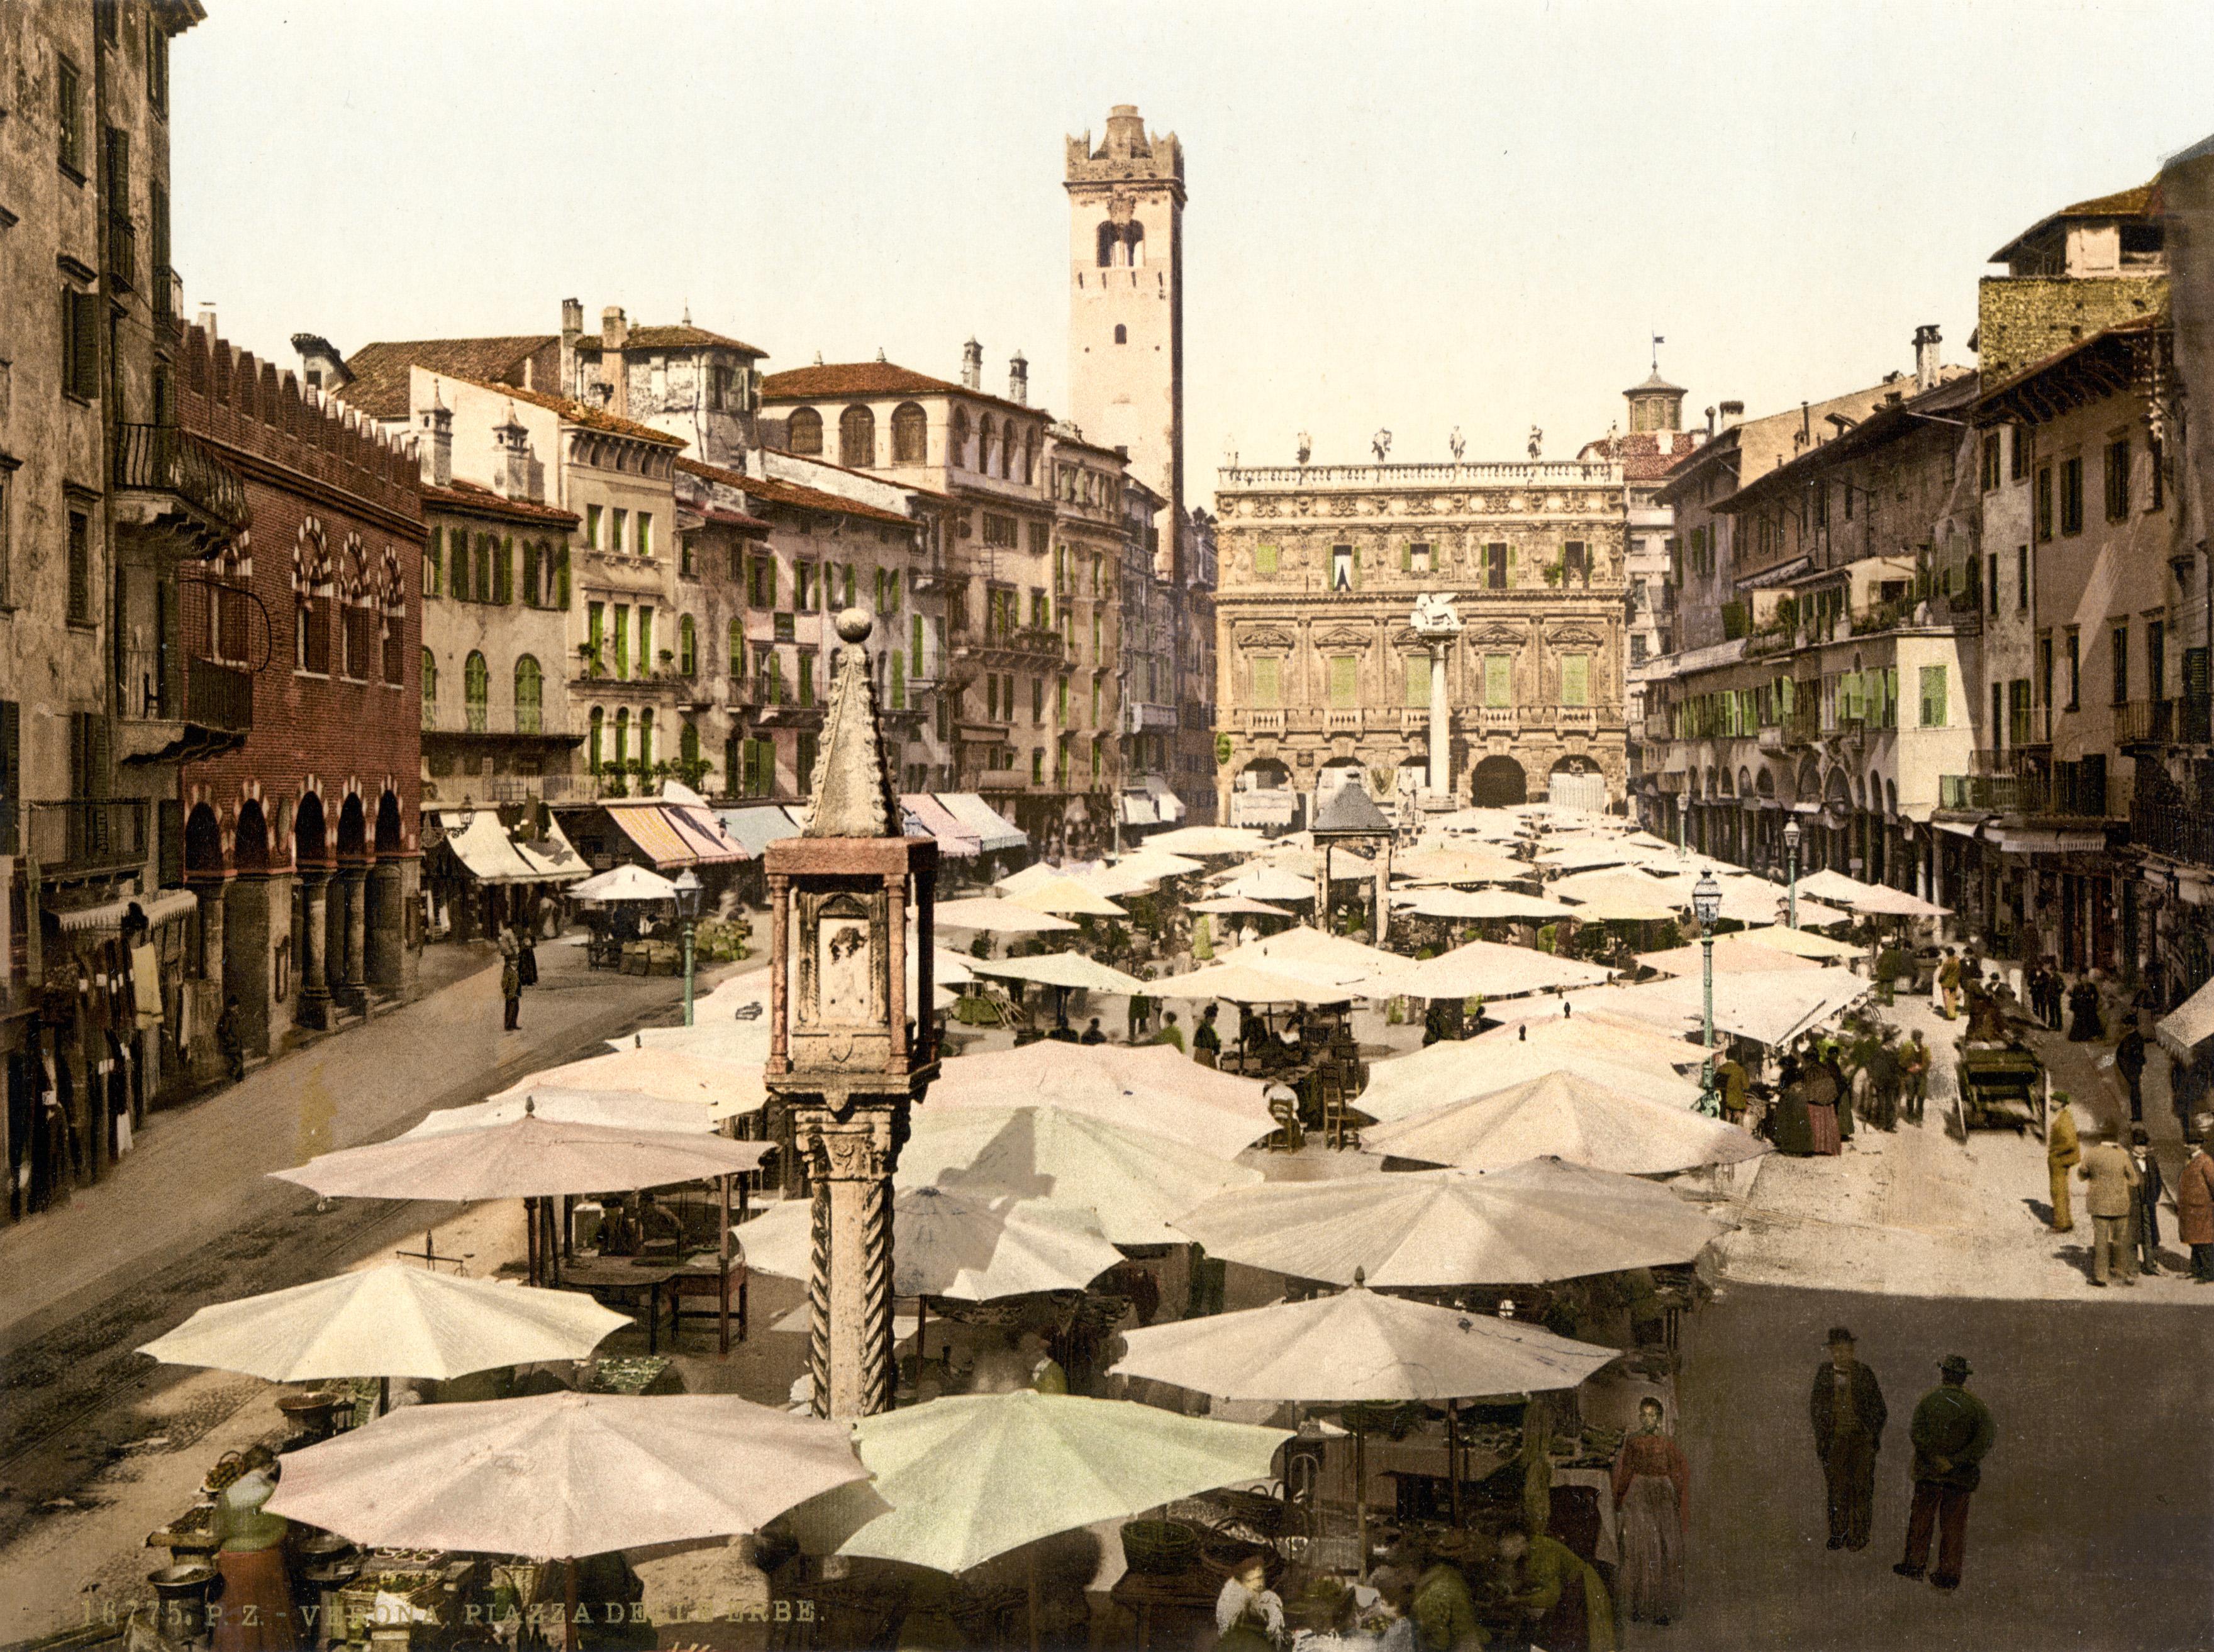 flickr_-_trialsanderrors_-_piazza_delle_erbe_verona_italy_ca-_1895